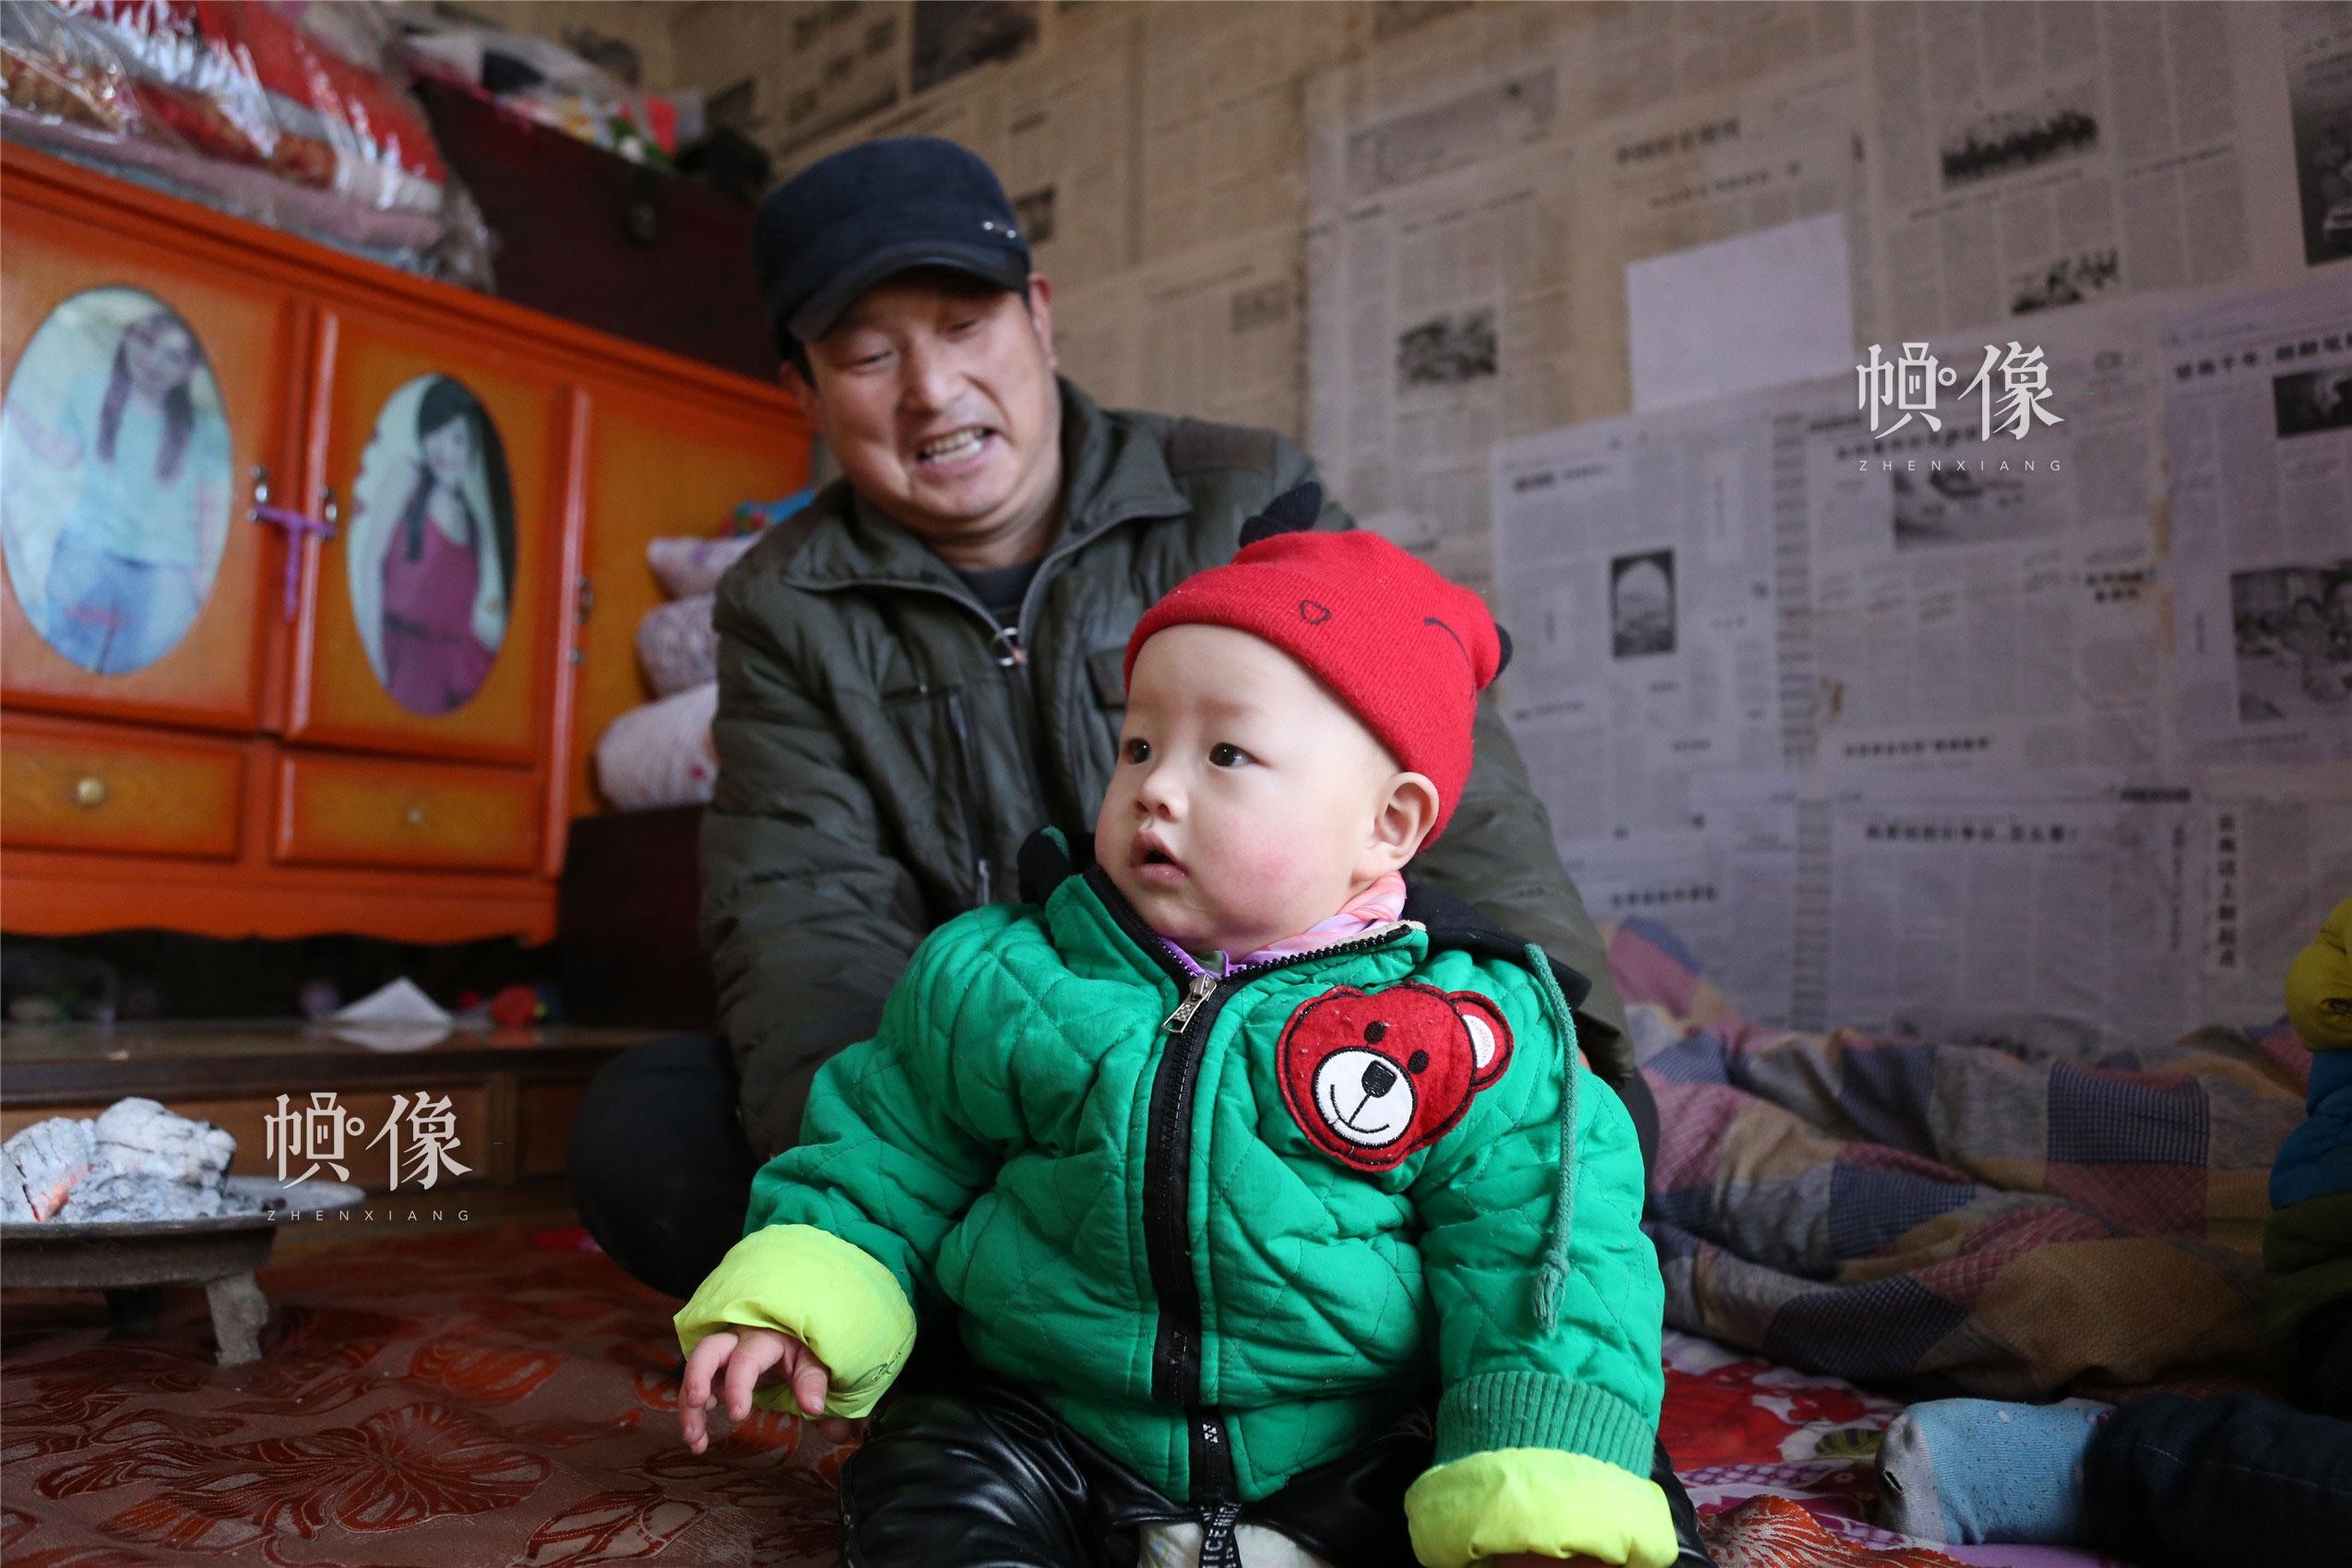 2018年1月22日,甘肃省陇南市西和县,听障儿童潘小明与爷爷玩耍。中国网实习记者 李逸奇 摄